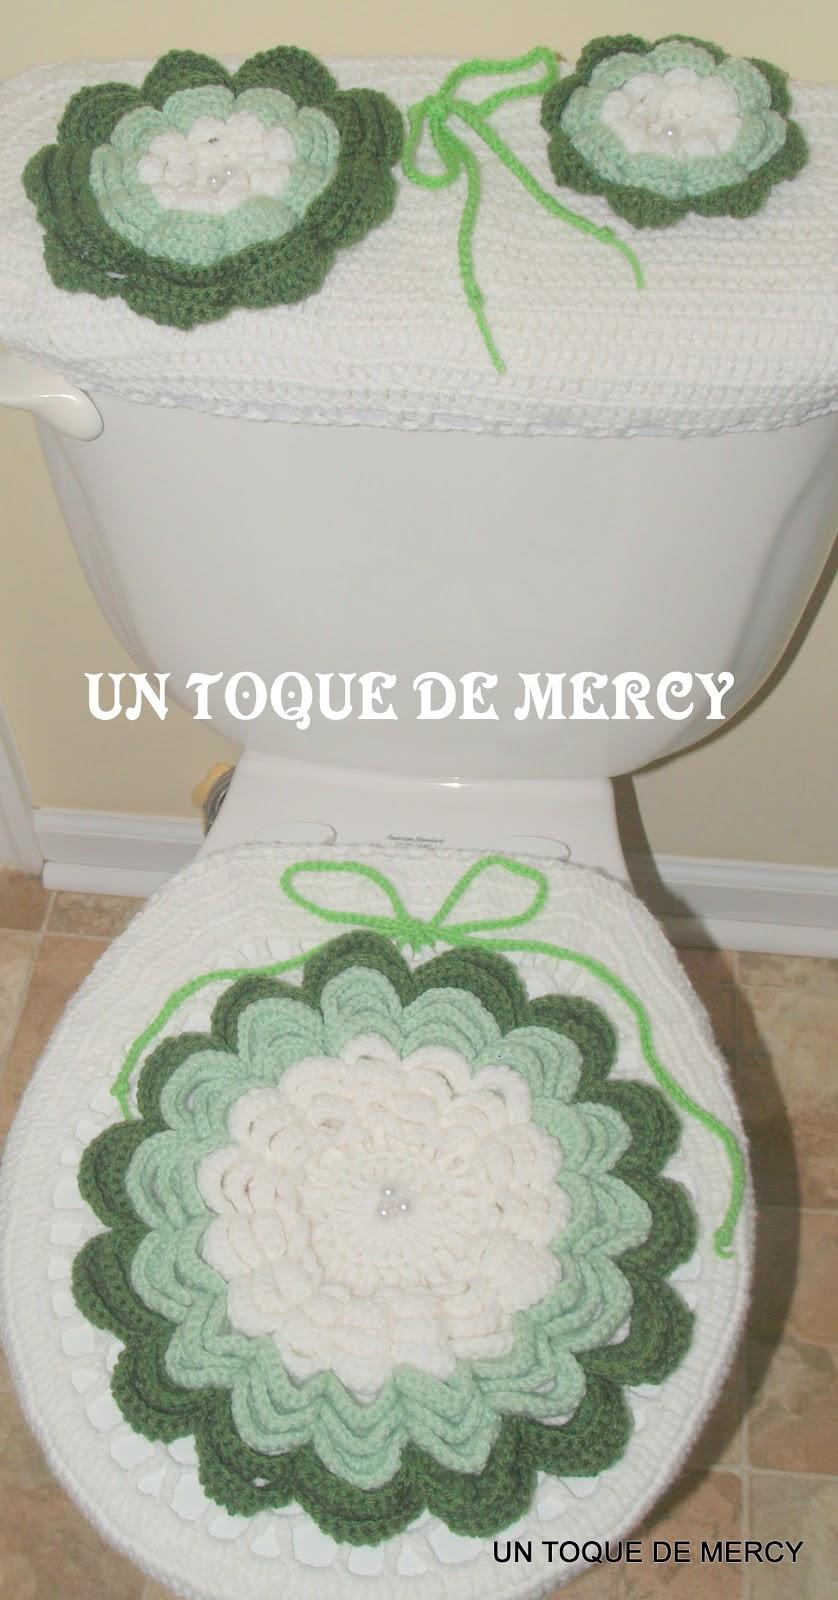 Set De Baño Tejido En Crochet Paso A Paso:UN TOQUE DE MERCY SET PARA EL BANO DE CROCHET